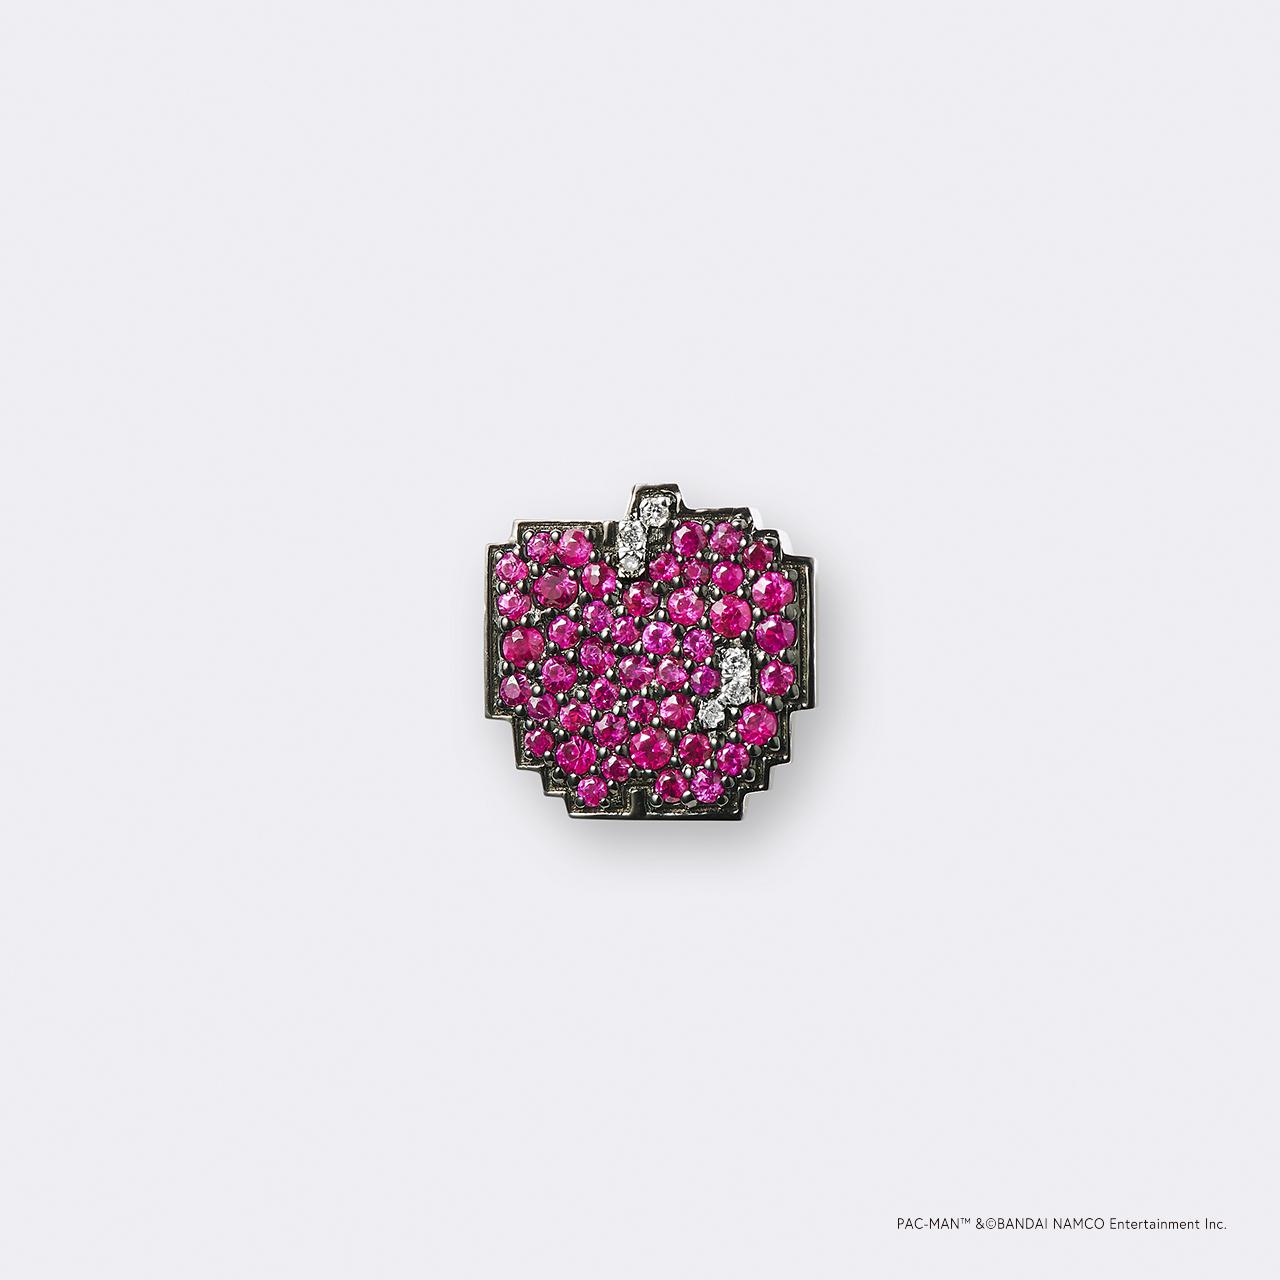 PAC-MAN  (パックマン) K18WG・ボーナスフルーツ アップル/ ルビー・ダイヤモンドピンバッジ